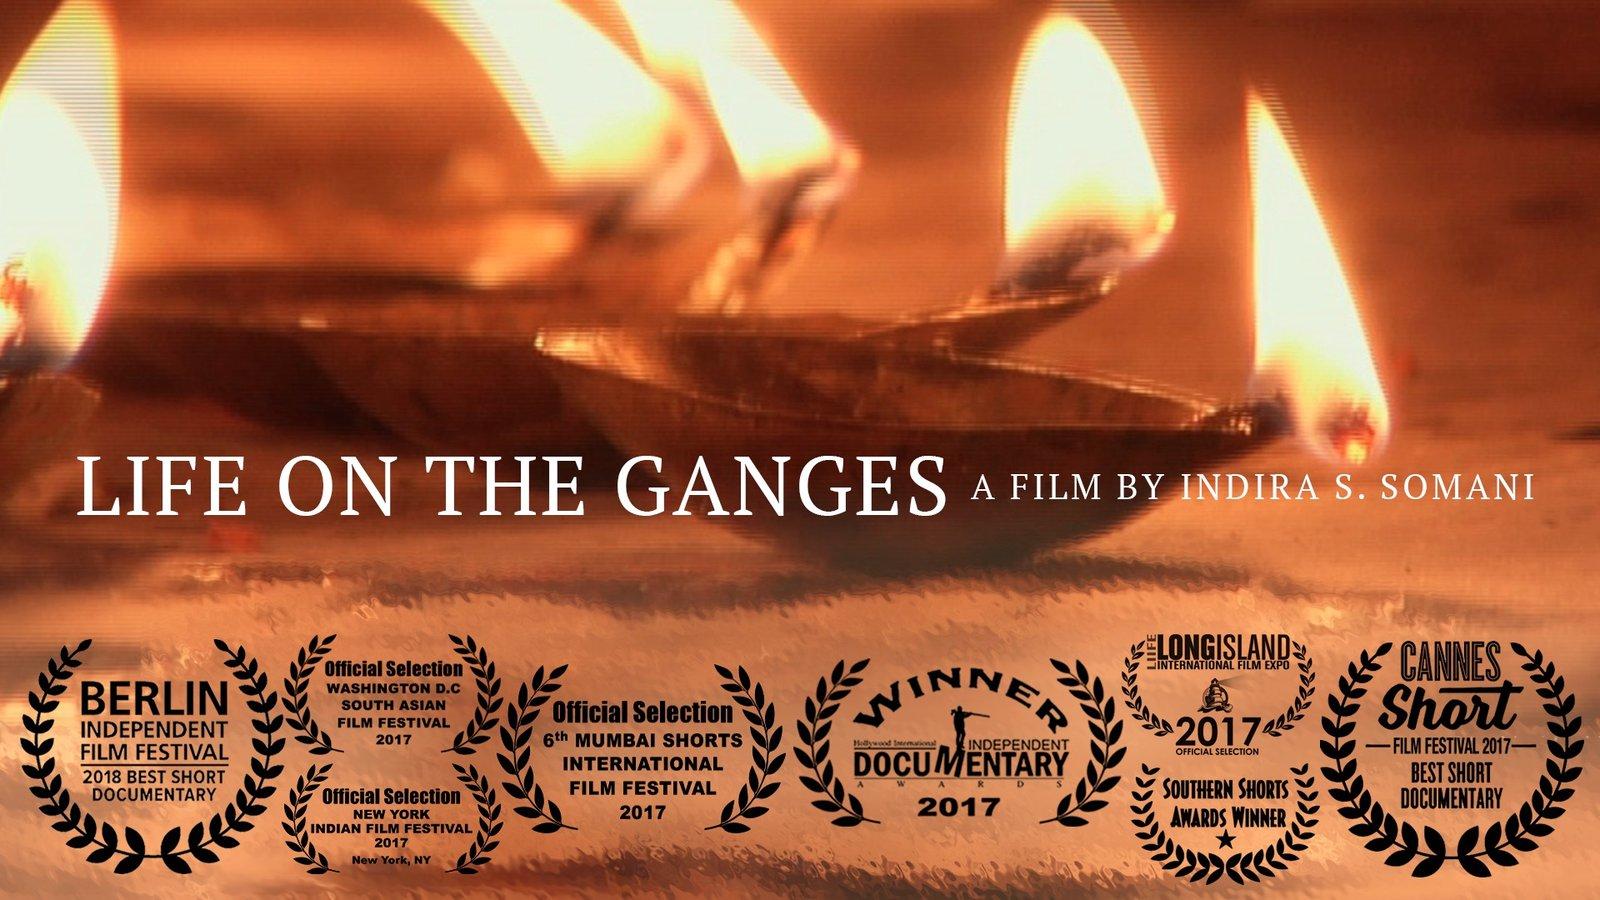 Life on the Ganges - Celebrating Dev Diwali on the Ganges River